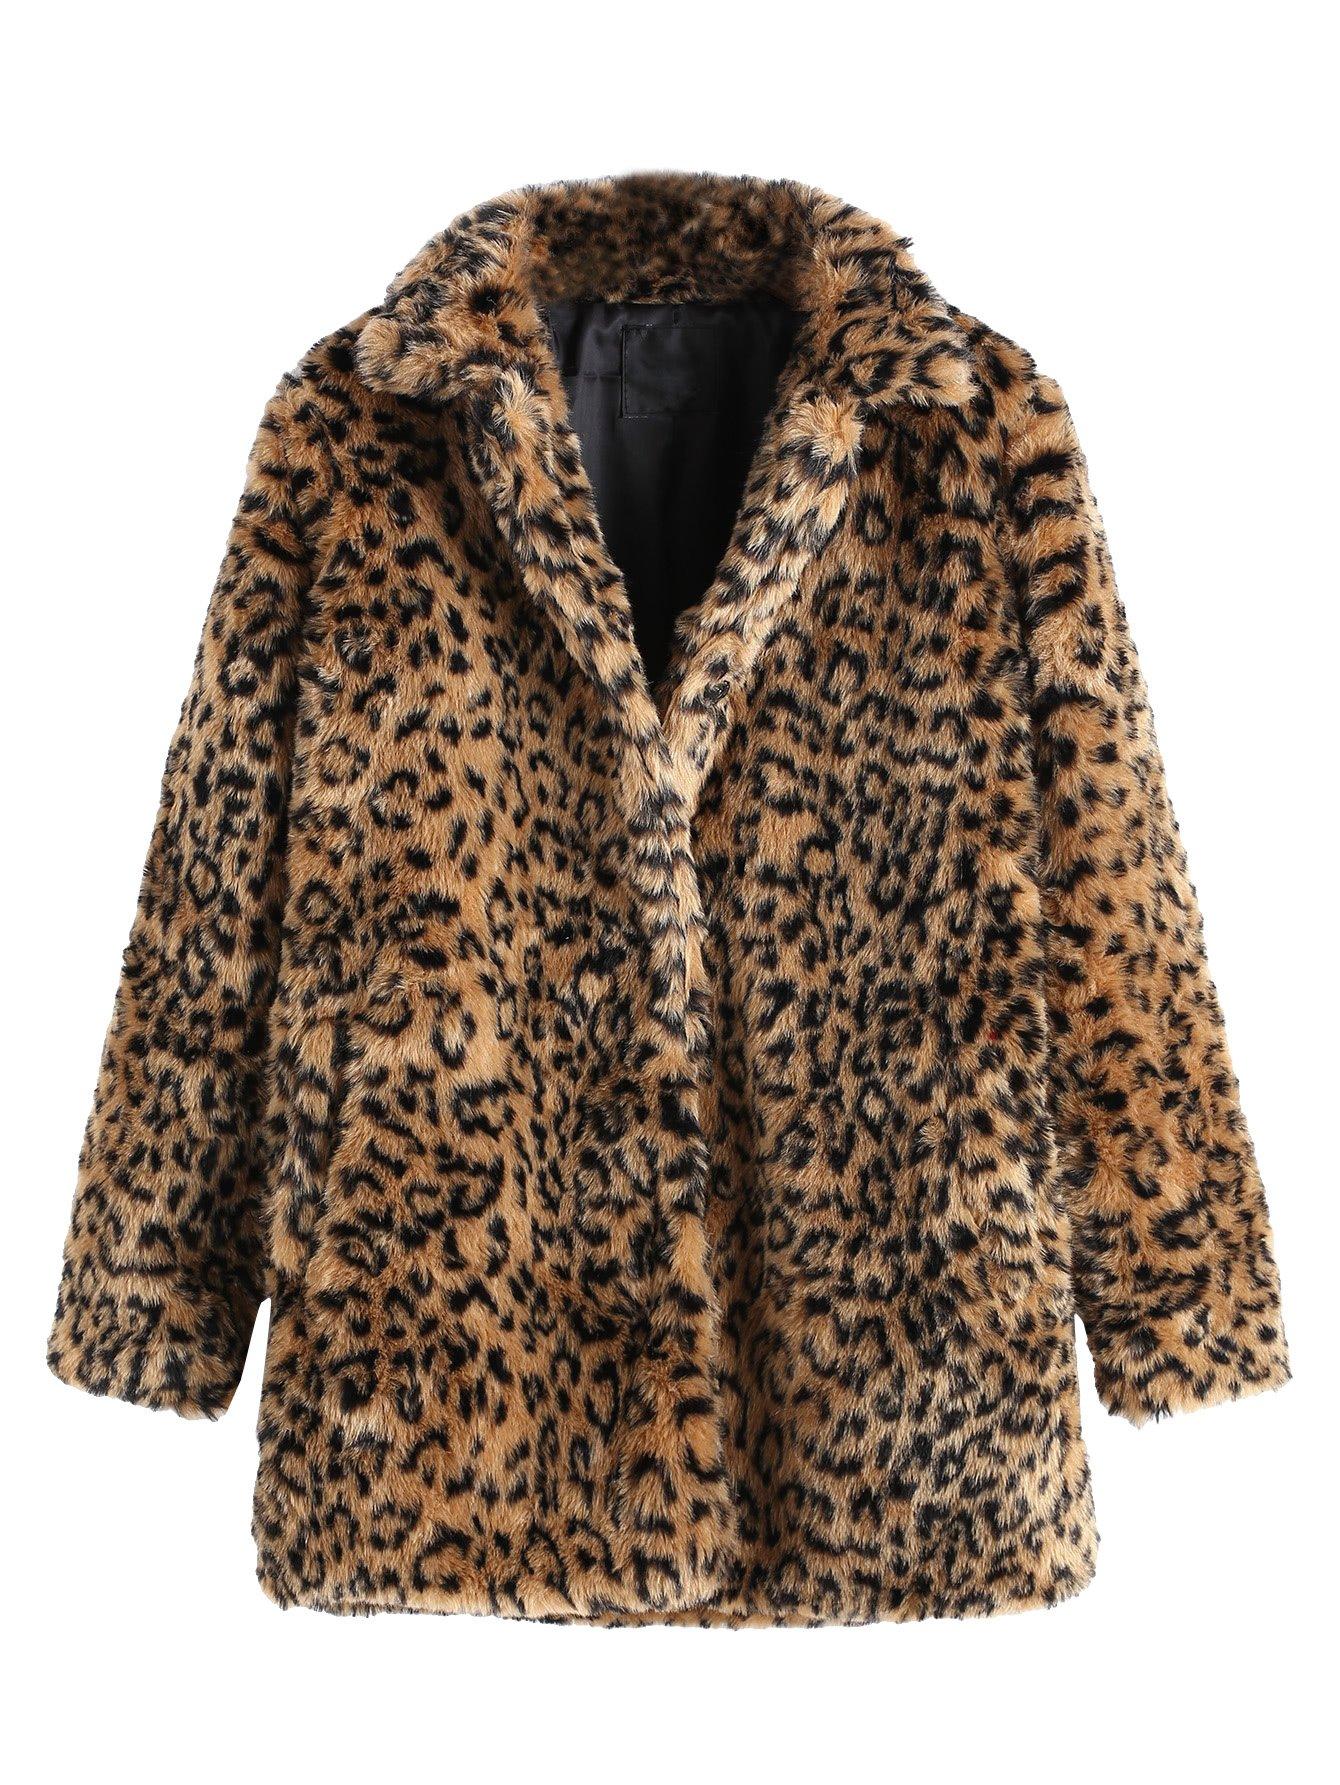 SweatyRocks Women Khaki Hooded Dolman Sleeve Faux Fur Cardigan Coat for Winter (Medium, Leopard) by SweatyRocks